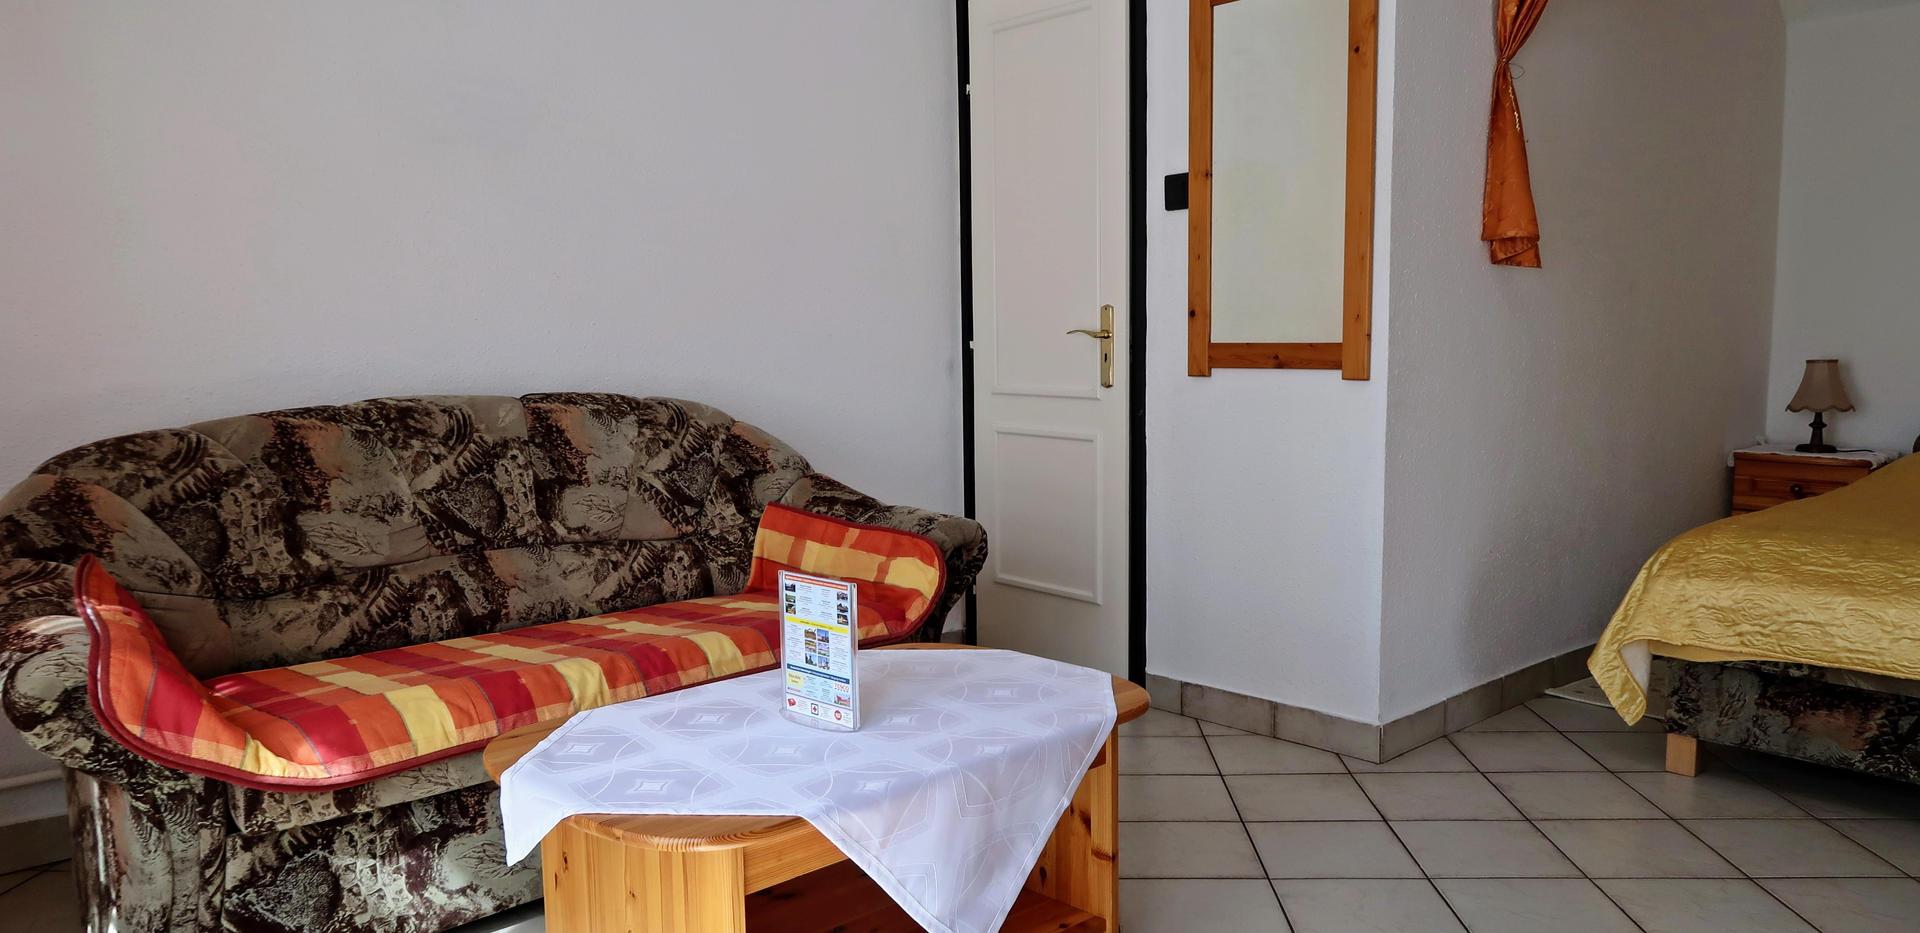 Zalakaros_2-es Ház_stúdió-apartman